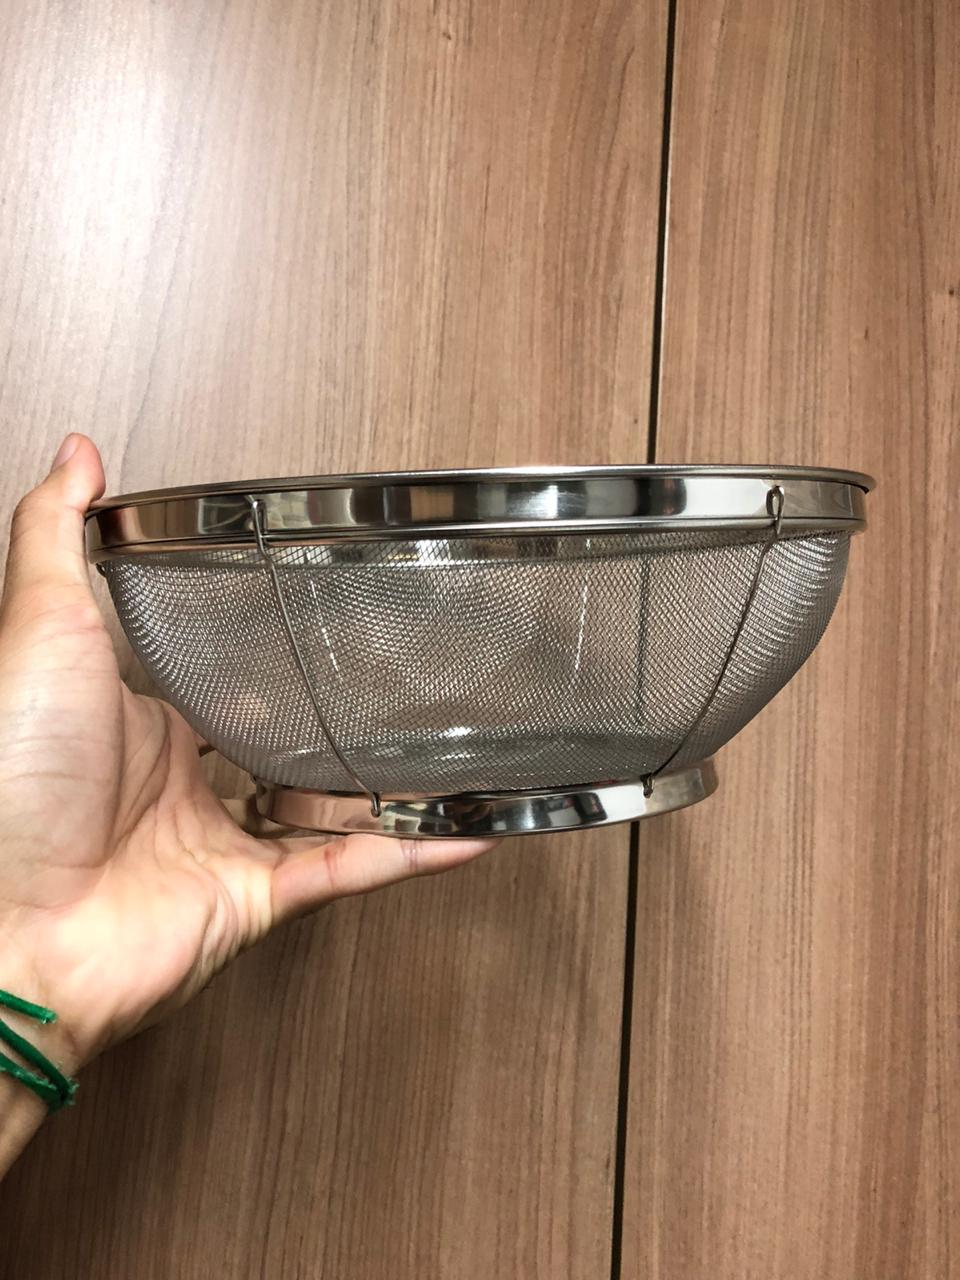 Escorredor de arroz inox macarrão peneira de cozinha coar e escorrer 25x10cm